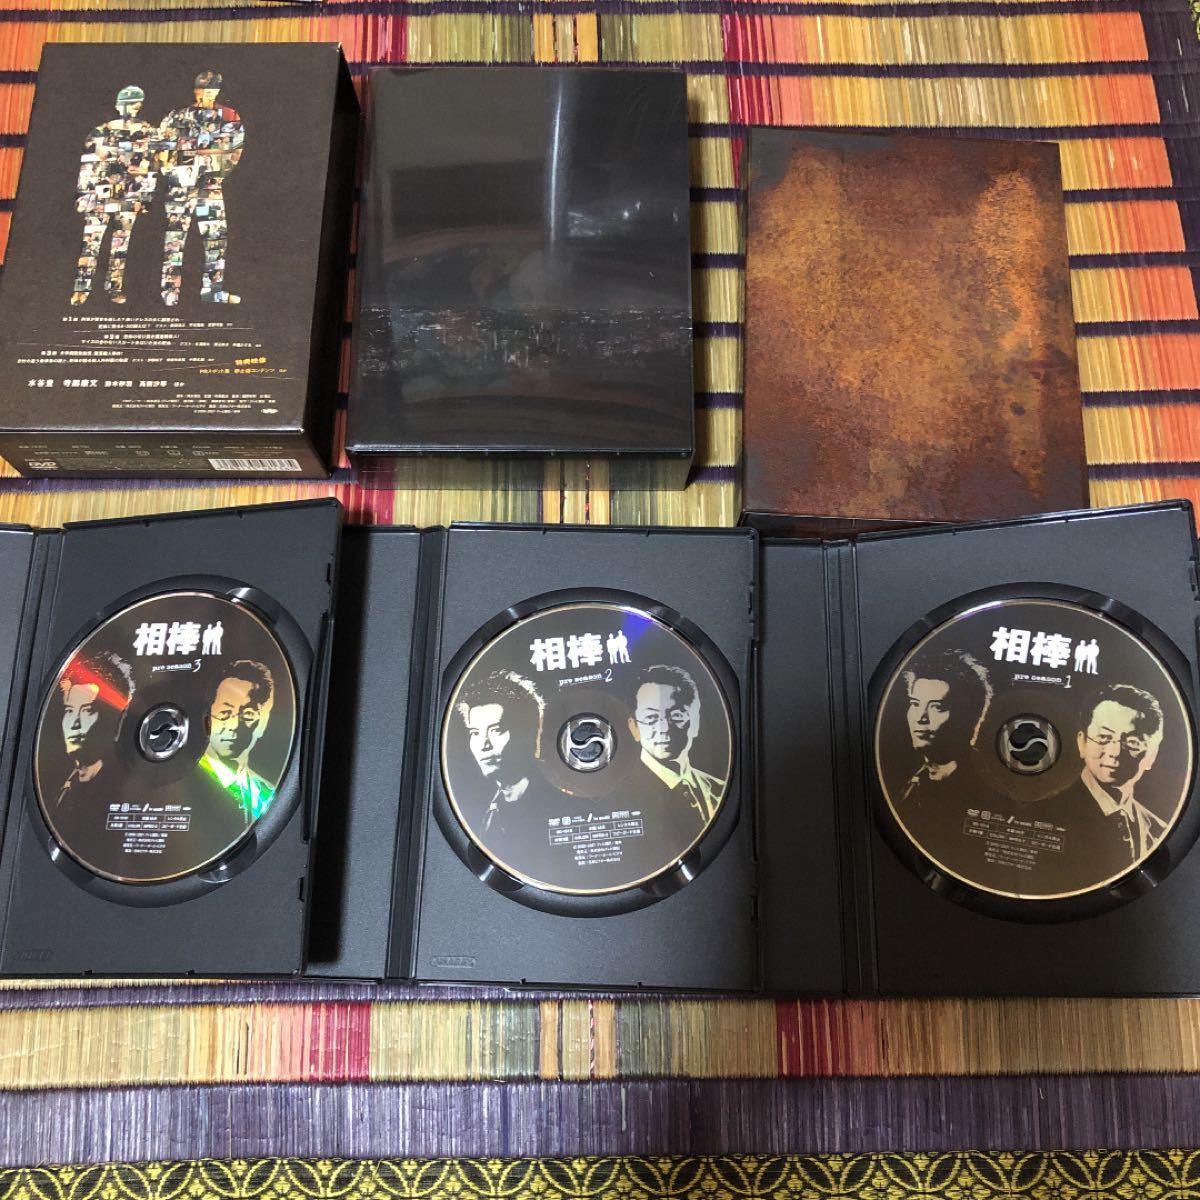 相棒 劇場版1.2 pre season DVD-BOX